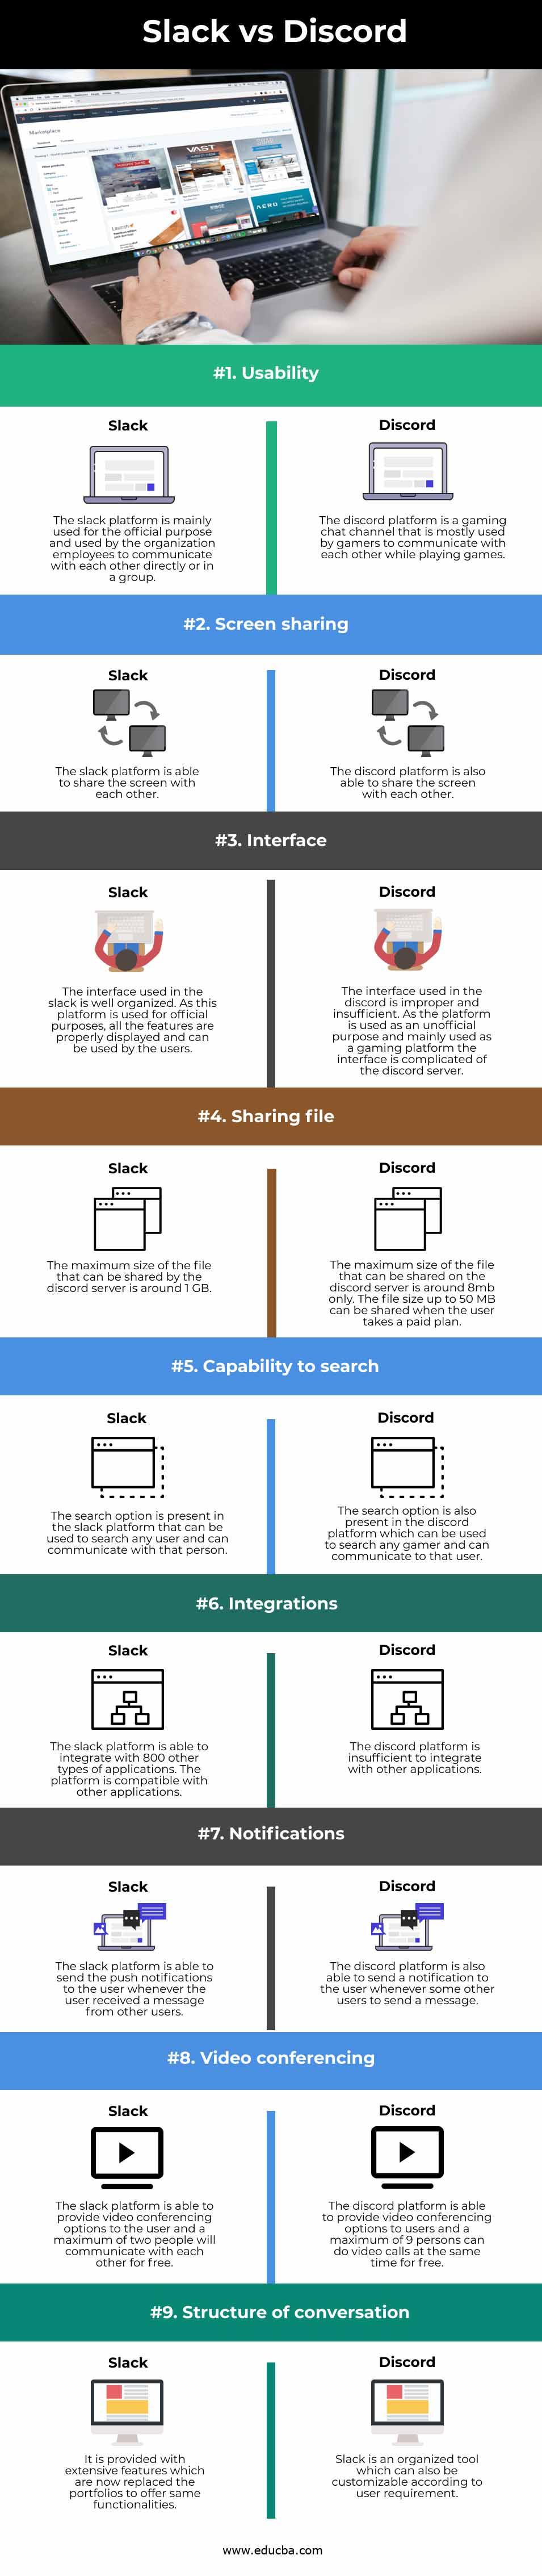 Slack vs Discord info